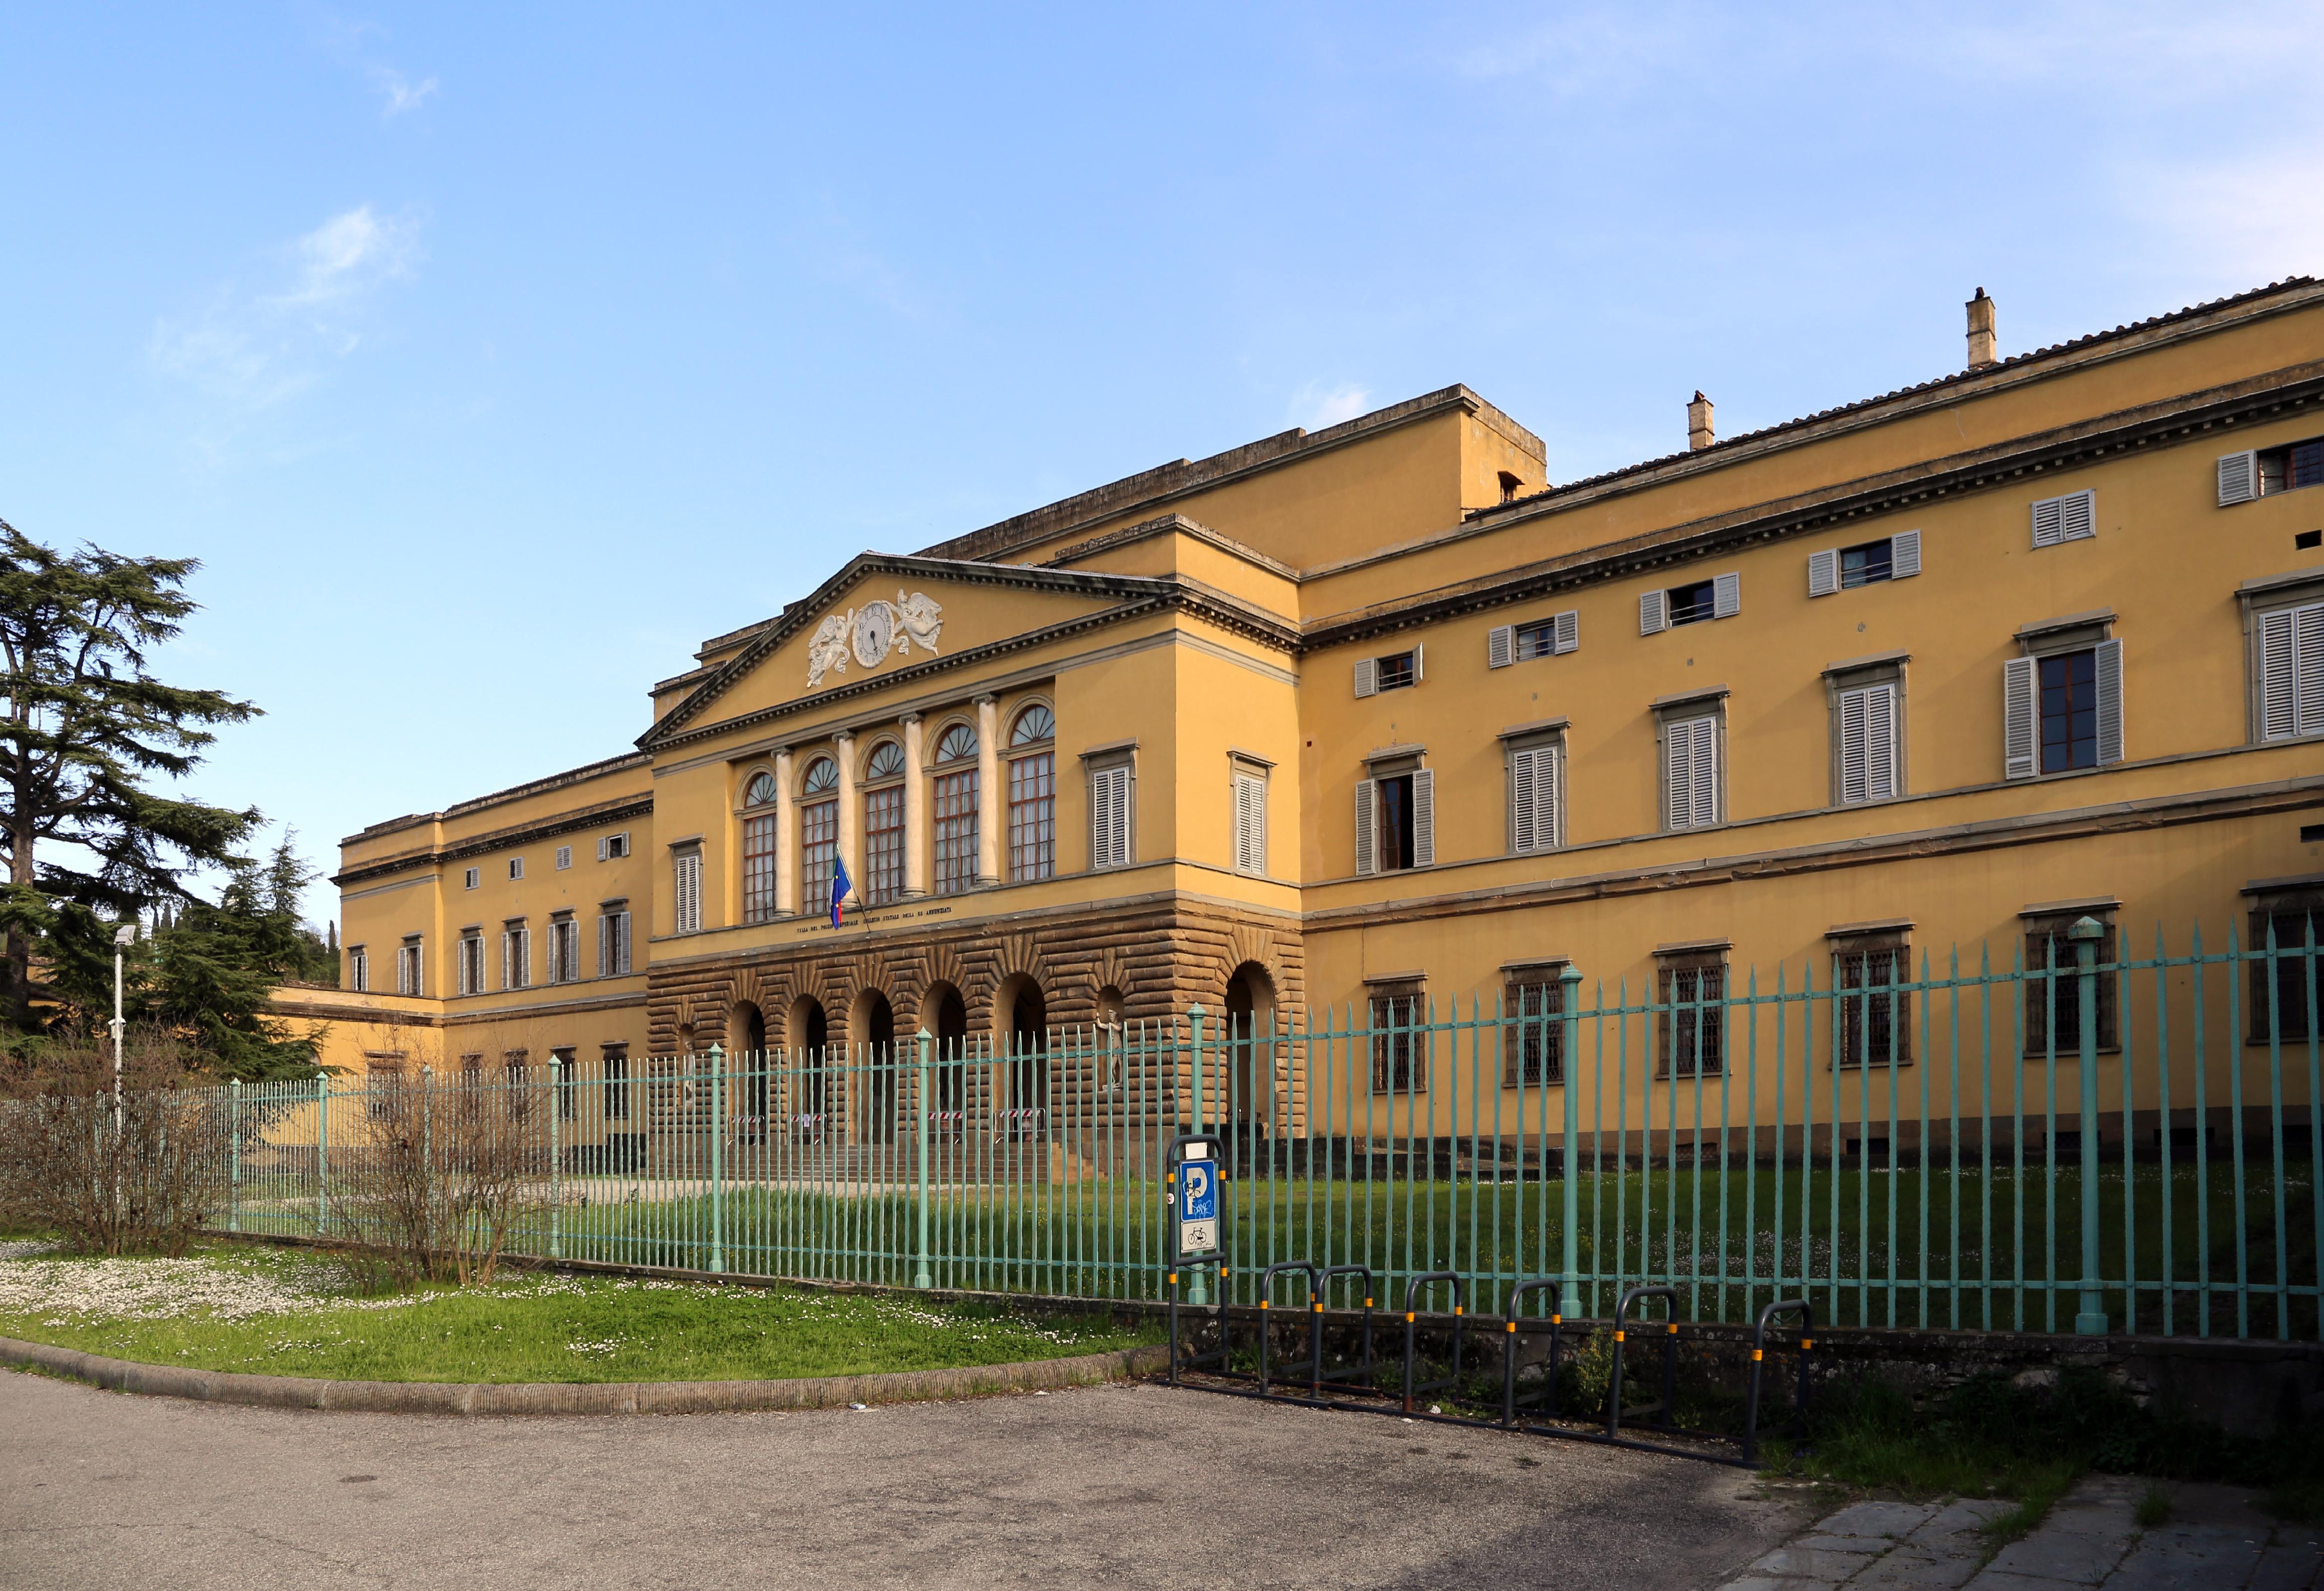 Martedì 29 ottobre – Villa del Poggio Imperiale